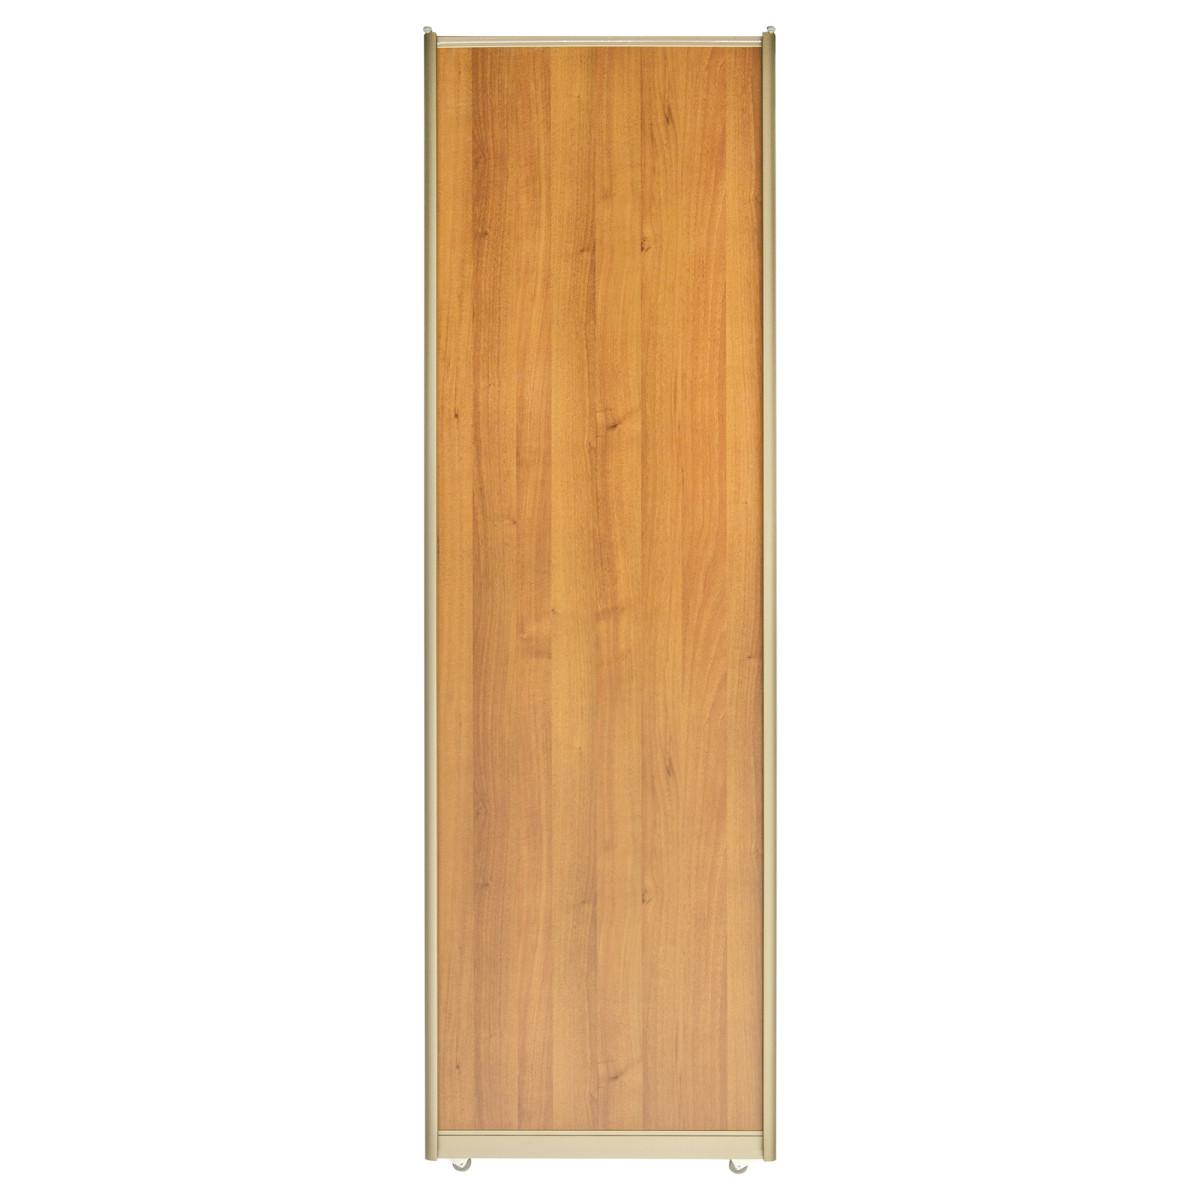 Дверь-купе 2251х704 мм цвет орех/шампань